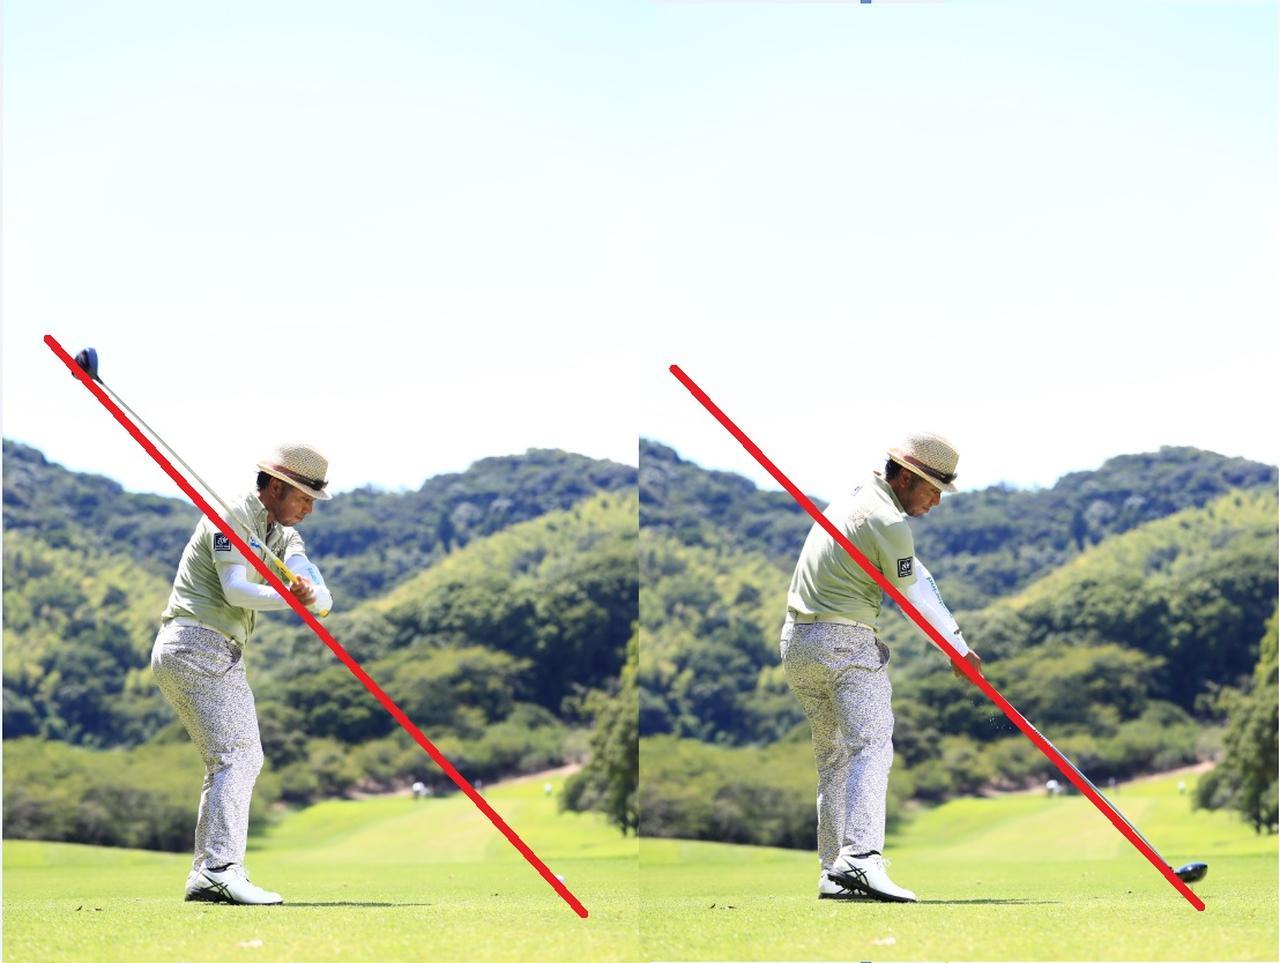 画像: ダウンスウィングの早い段階でインパクトと同じ面の上をなぞるように動くお手本のようなオンプレーンスウィング